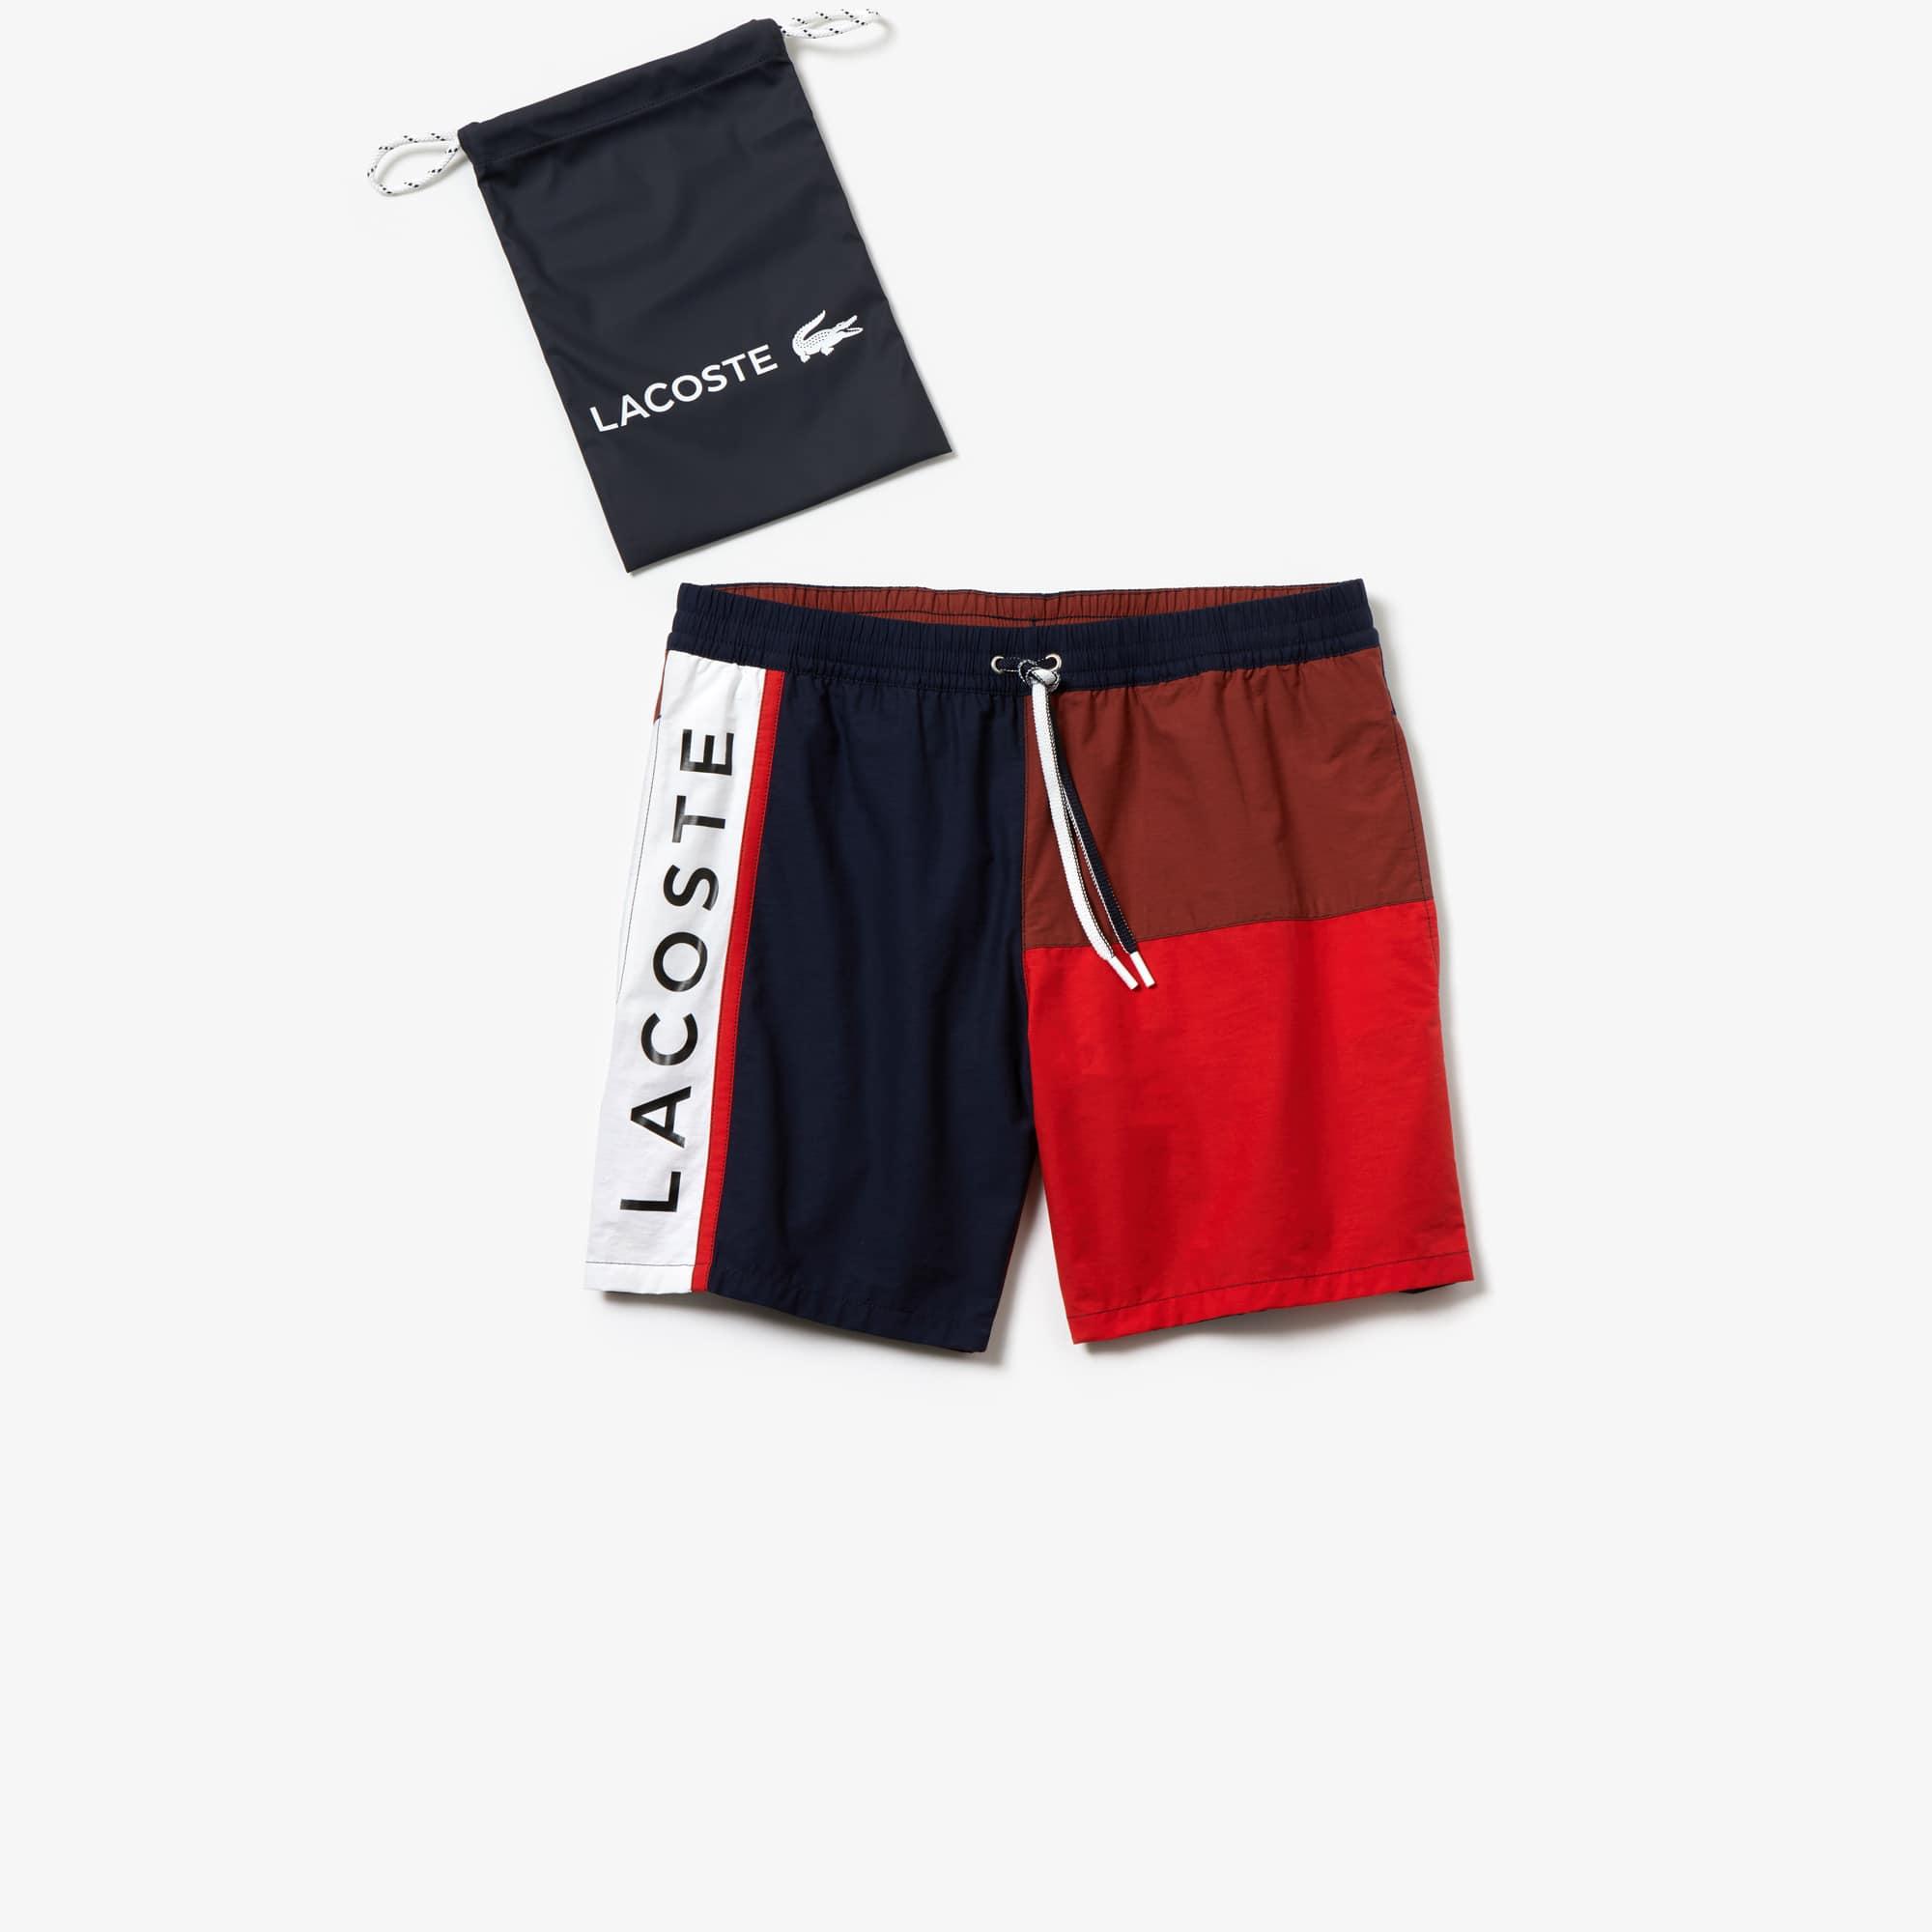 라코스테 컬러블록 수영복 반바지 보드숏 하의  Lacoste Mens Colorblock Swim Trunks,Navy Blue / Brown / Red / White